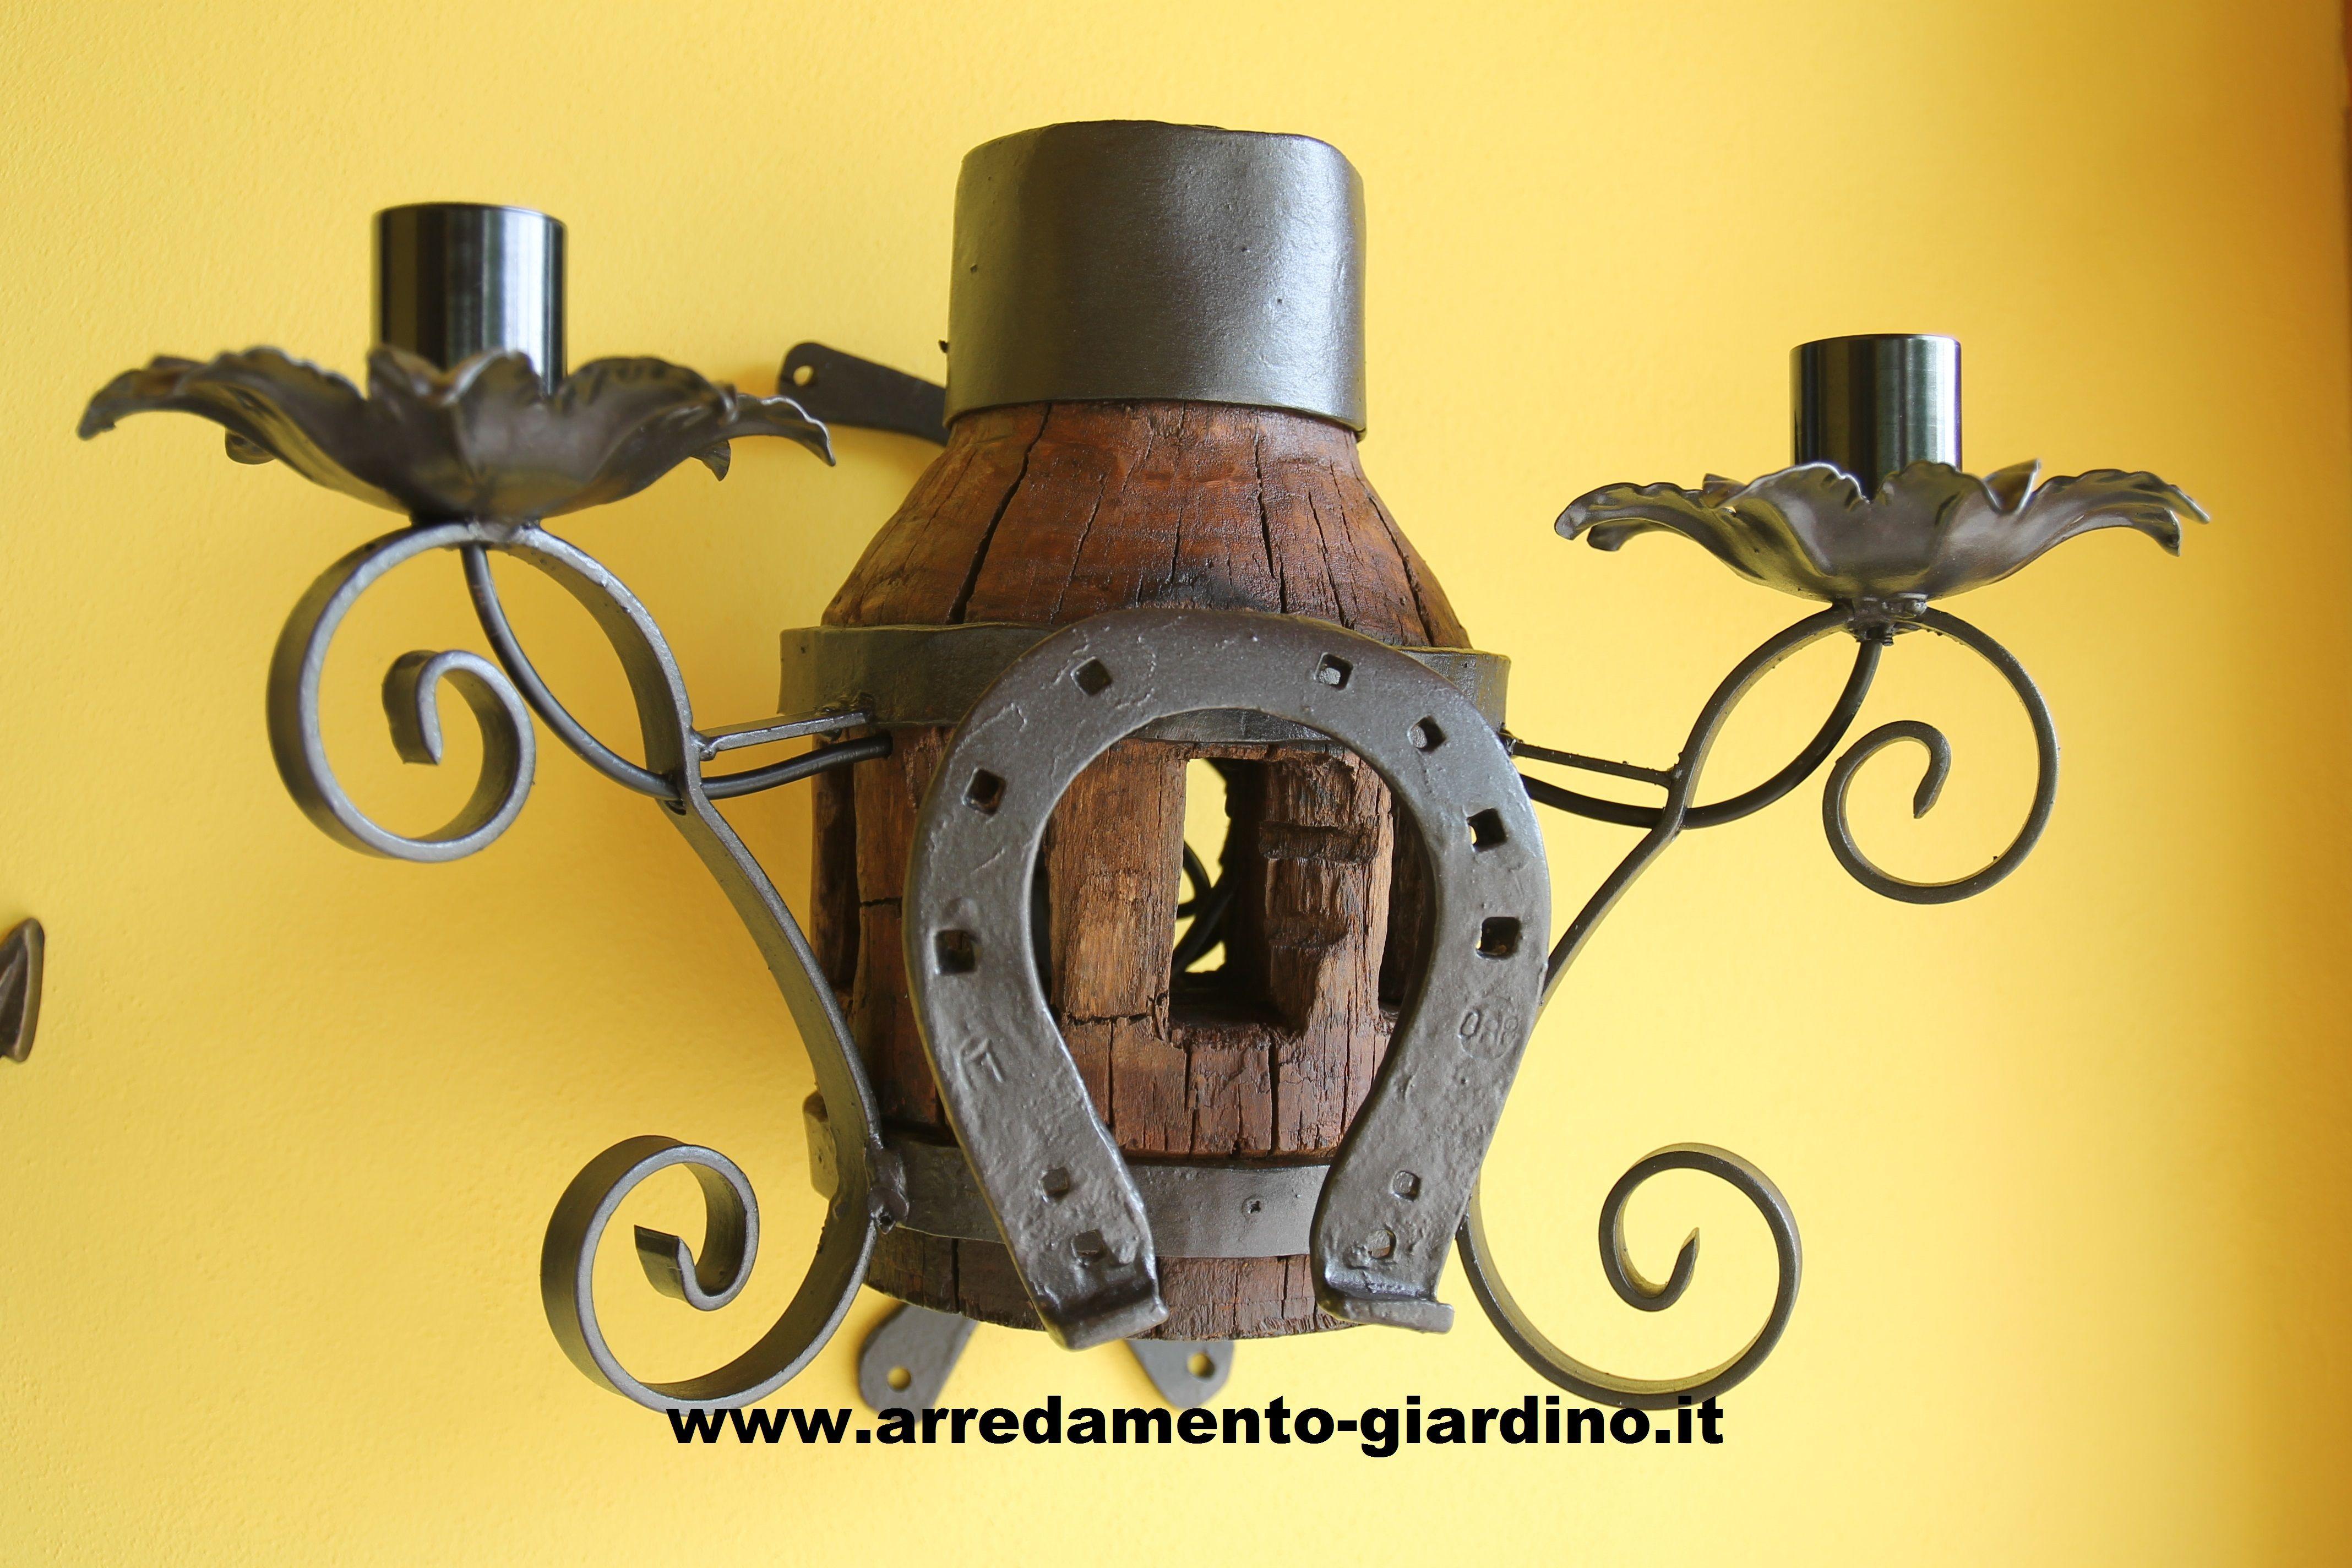 Aplique a due lampade realizzata con mozzo di ruota in legno